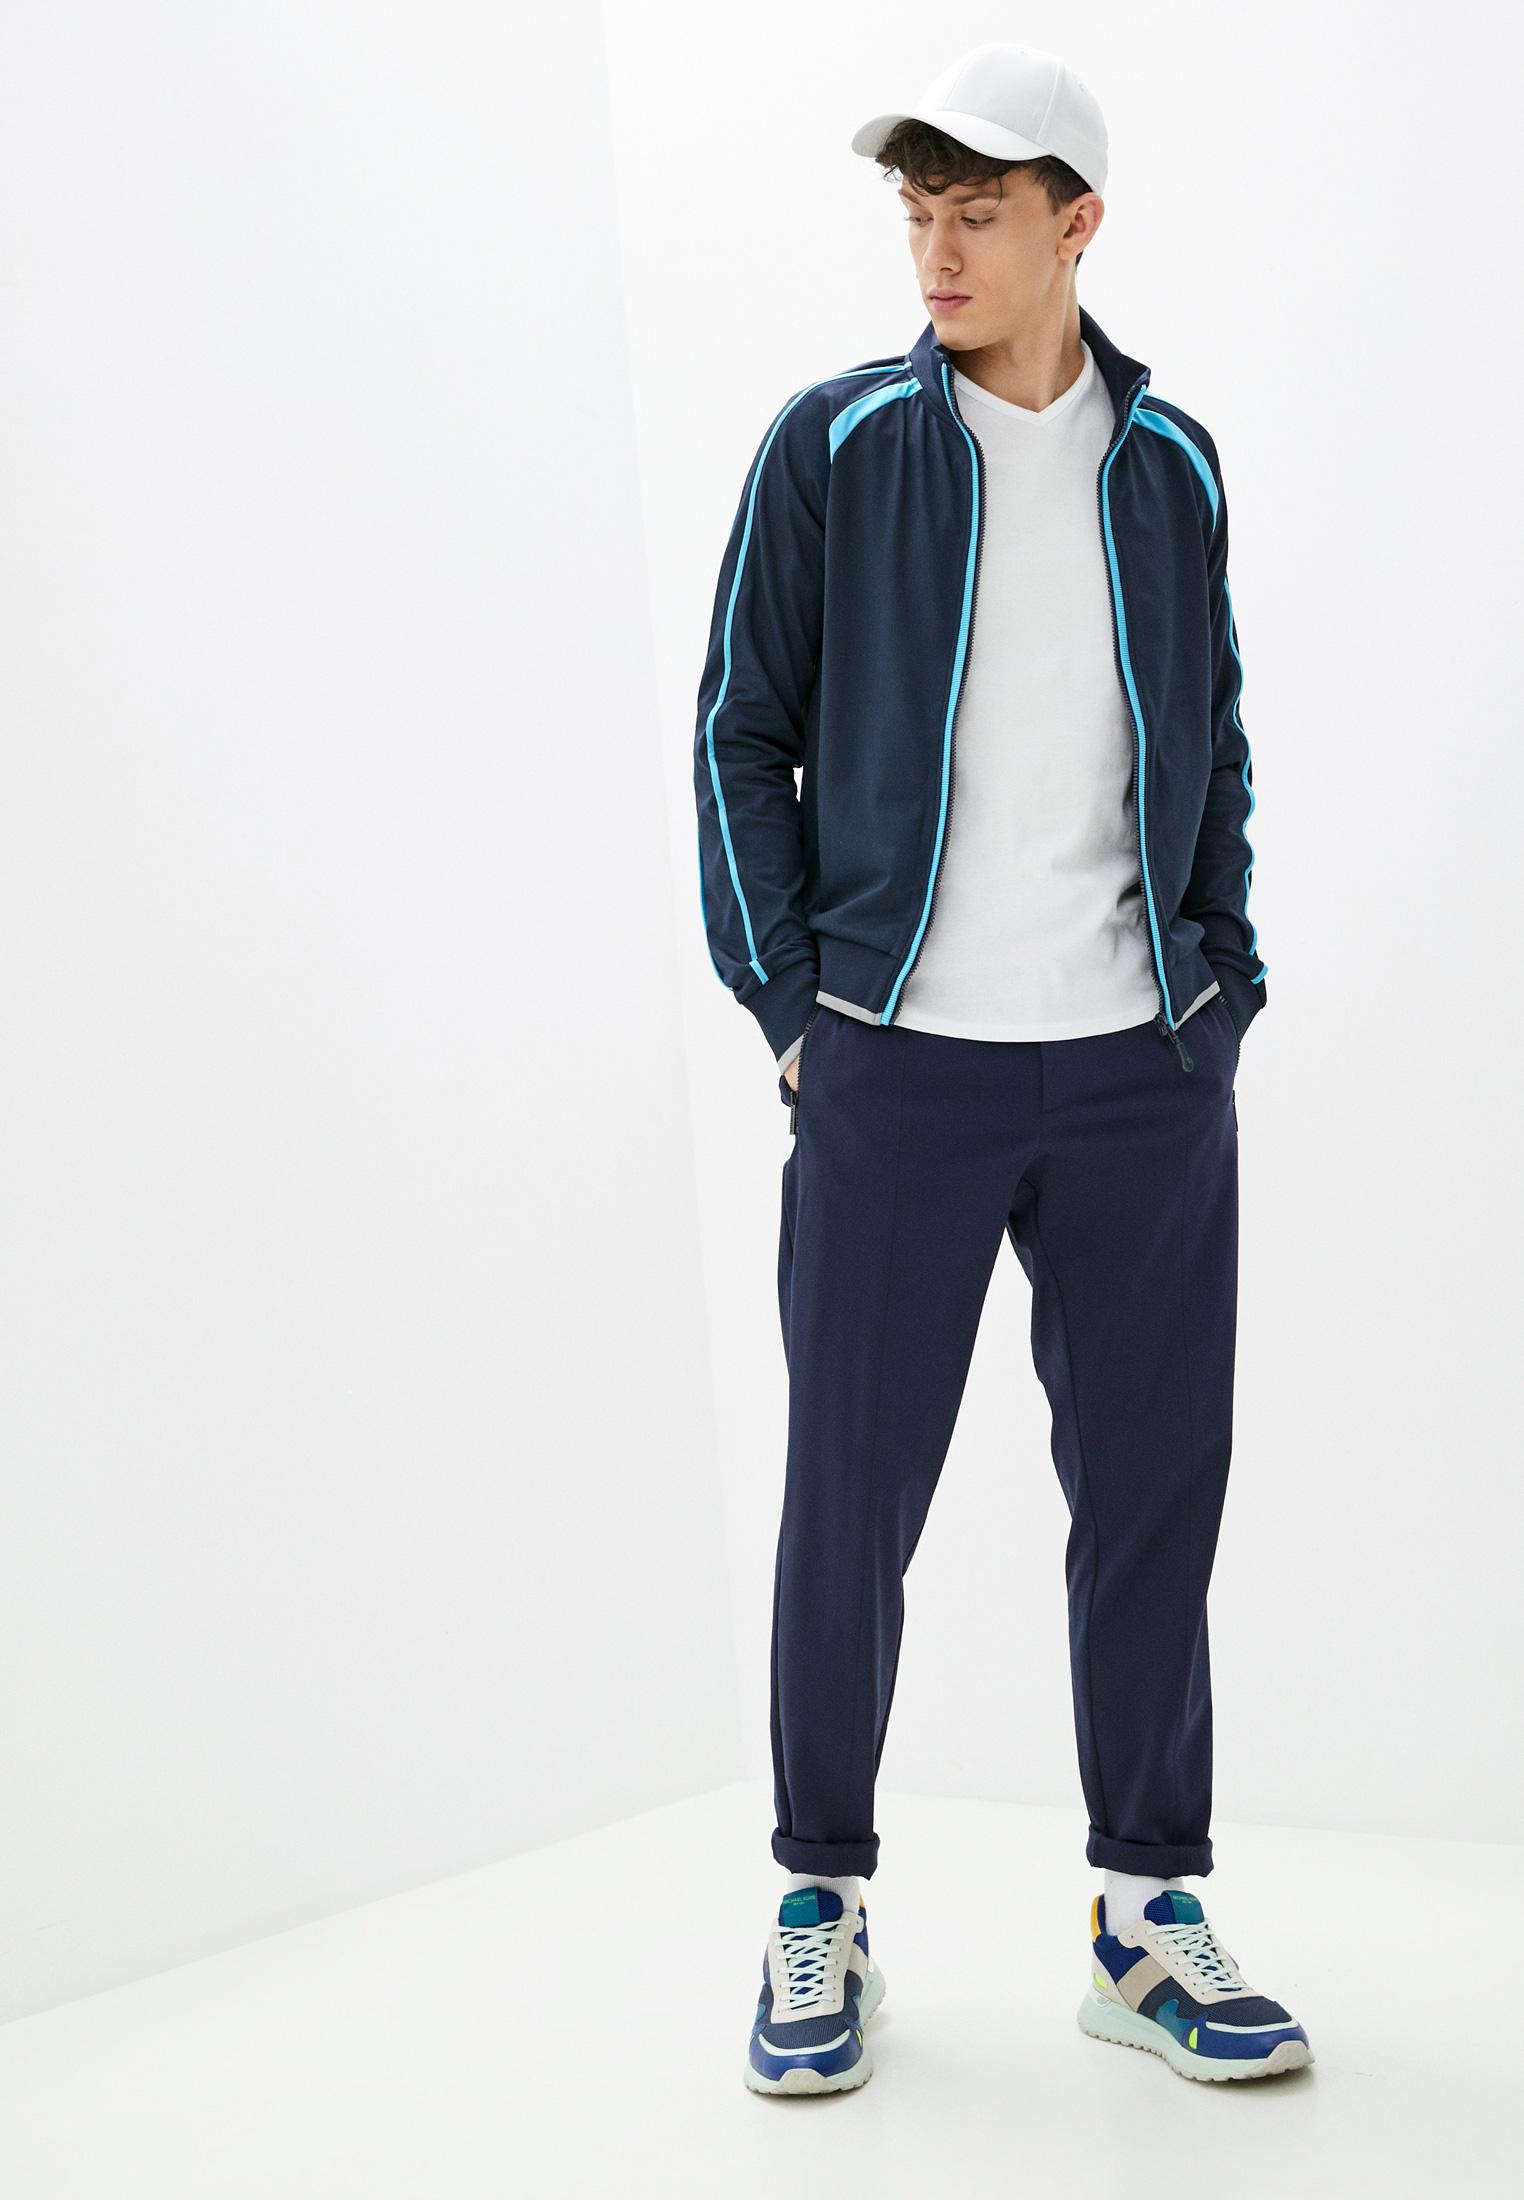 Мужские повседневные брюки Bikkembergs (Биккембергс) C 1 142 00 e 2031: изображение 3